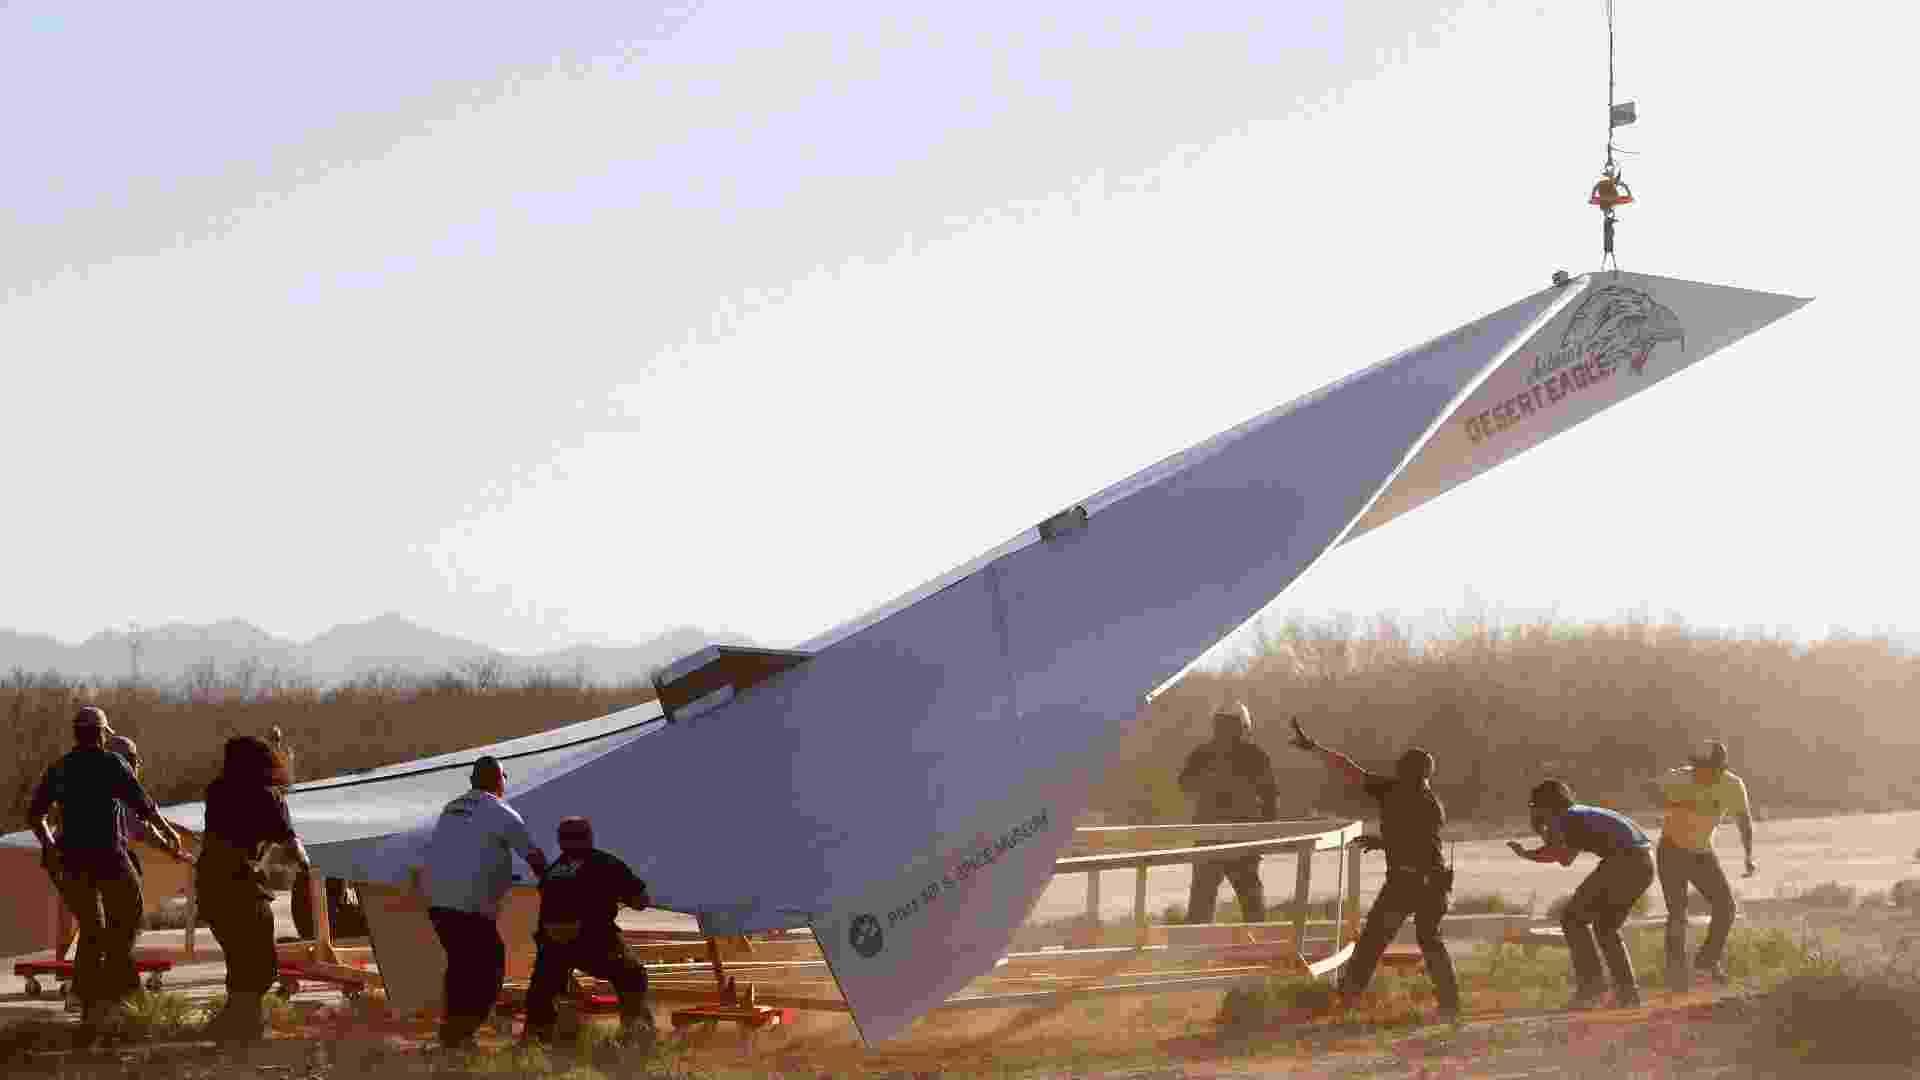 Avião de papel enorme é lançado nos EUA - Joshua Lott/Reuters